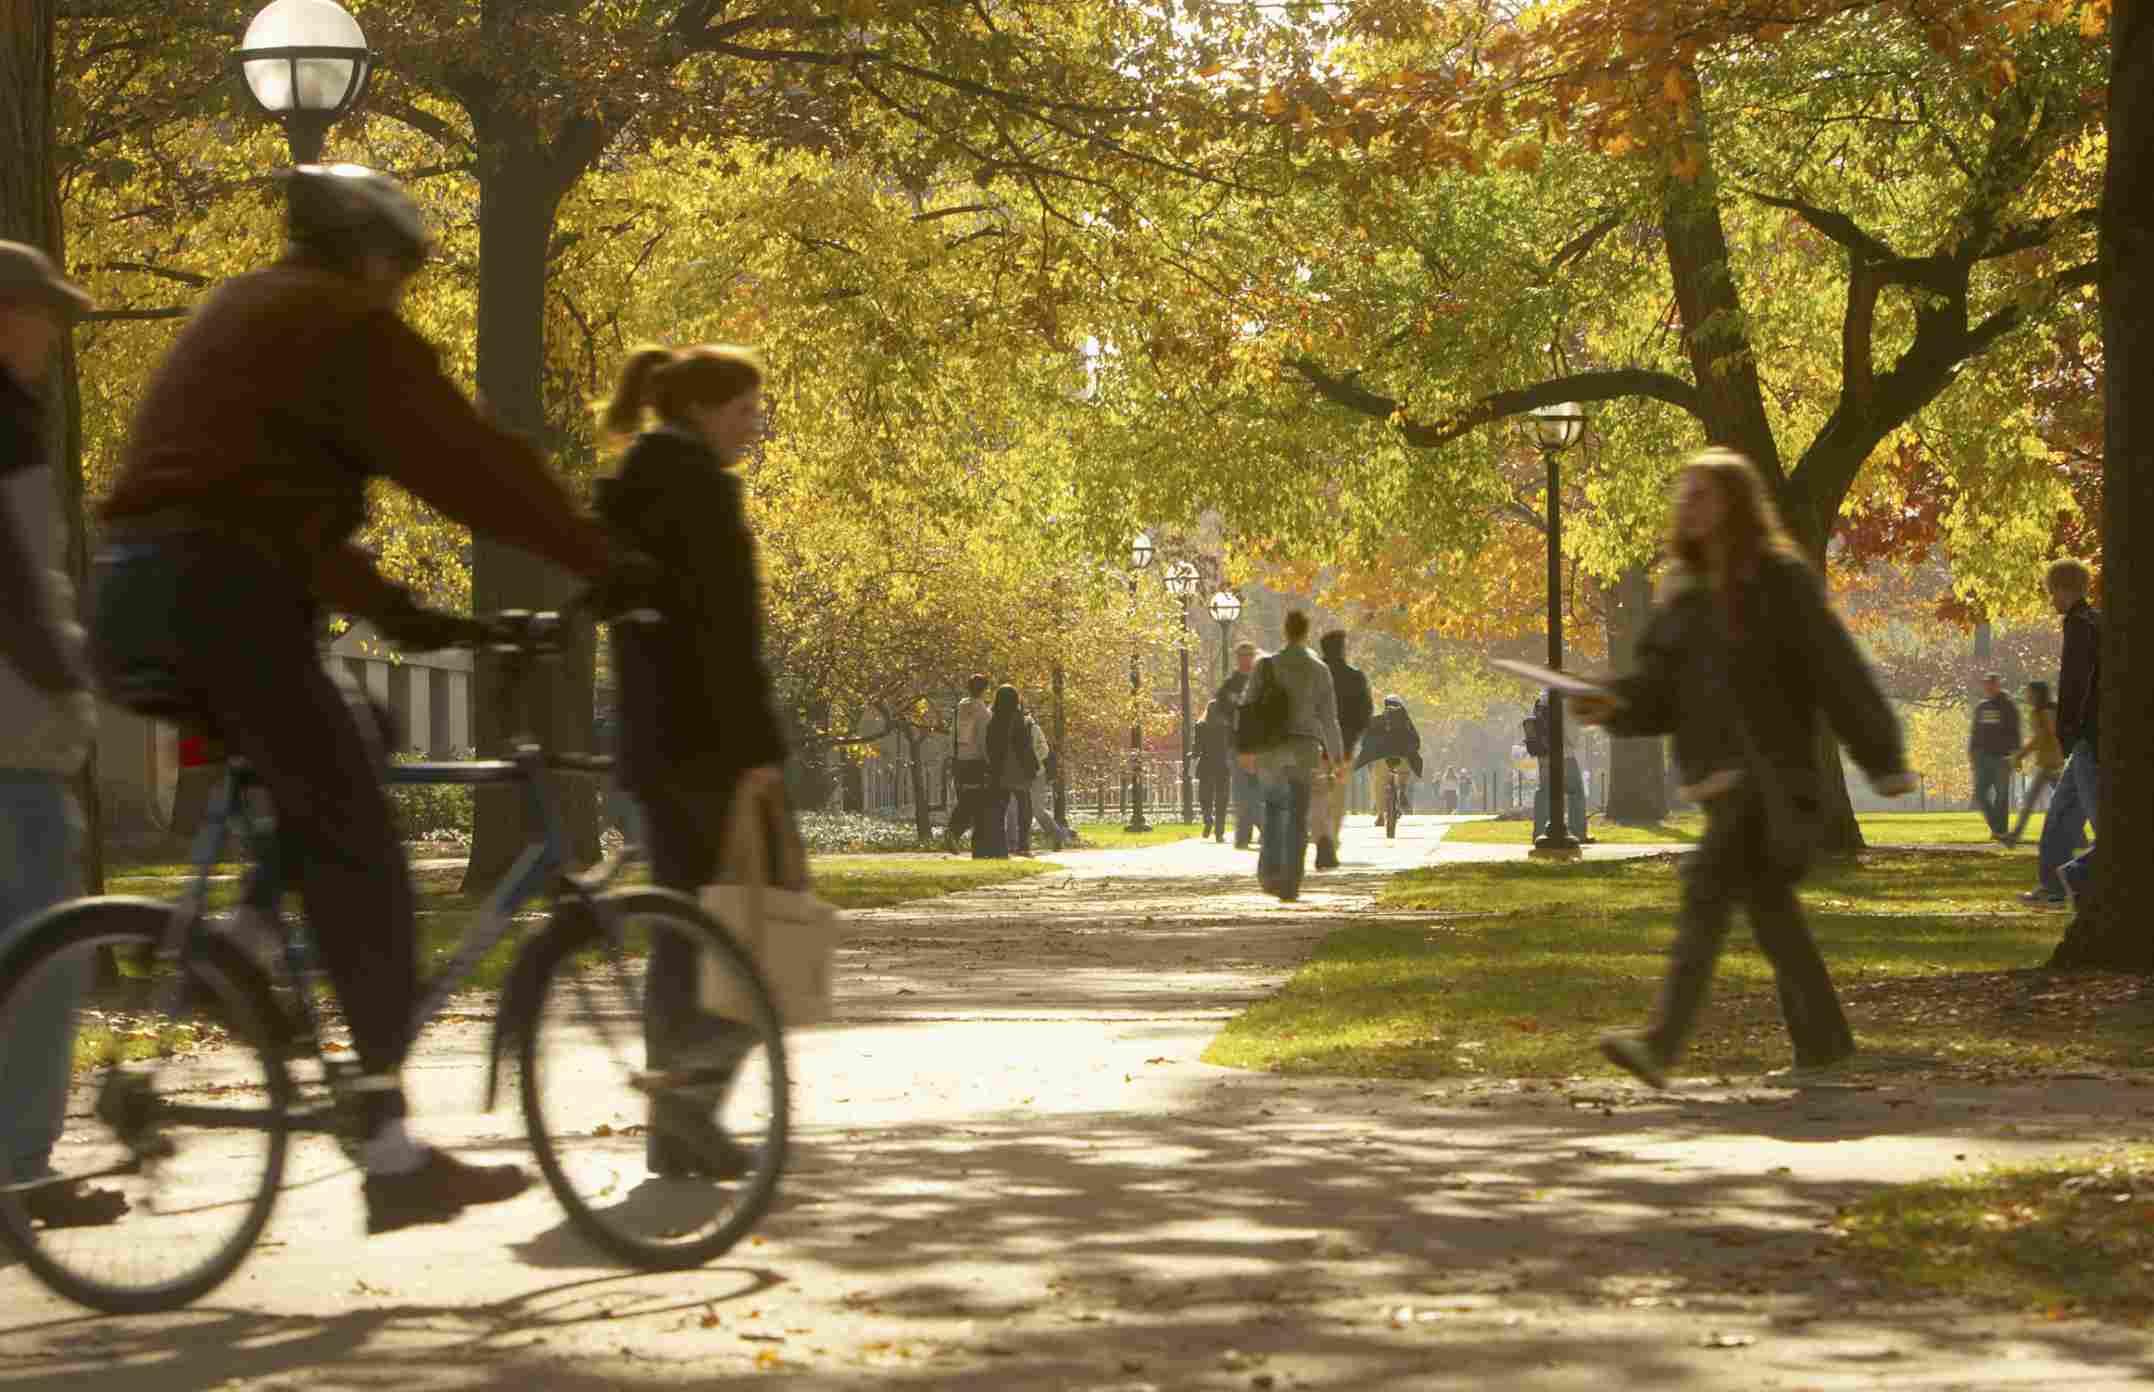 La universidad de Michigan en Ann Arbor ofrece excelentes programas a precio razonable.